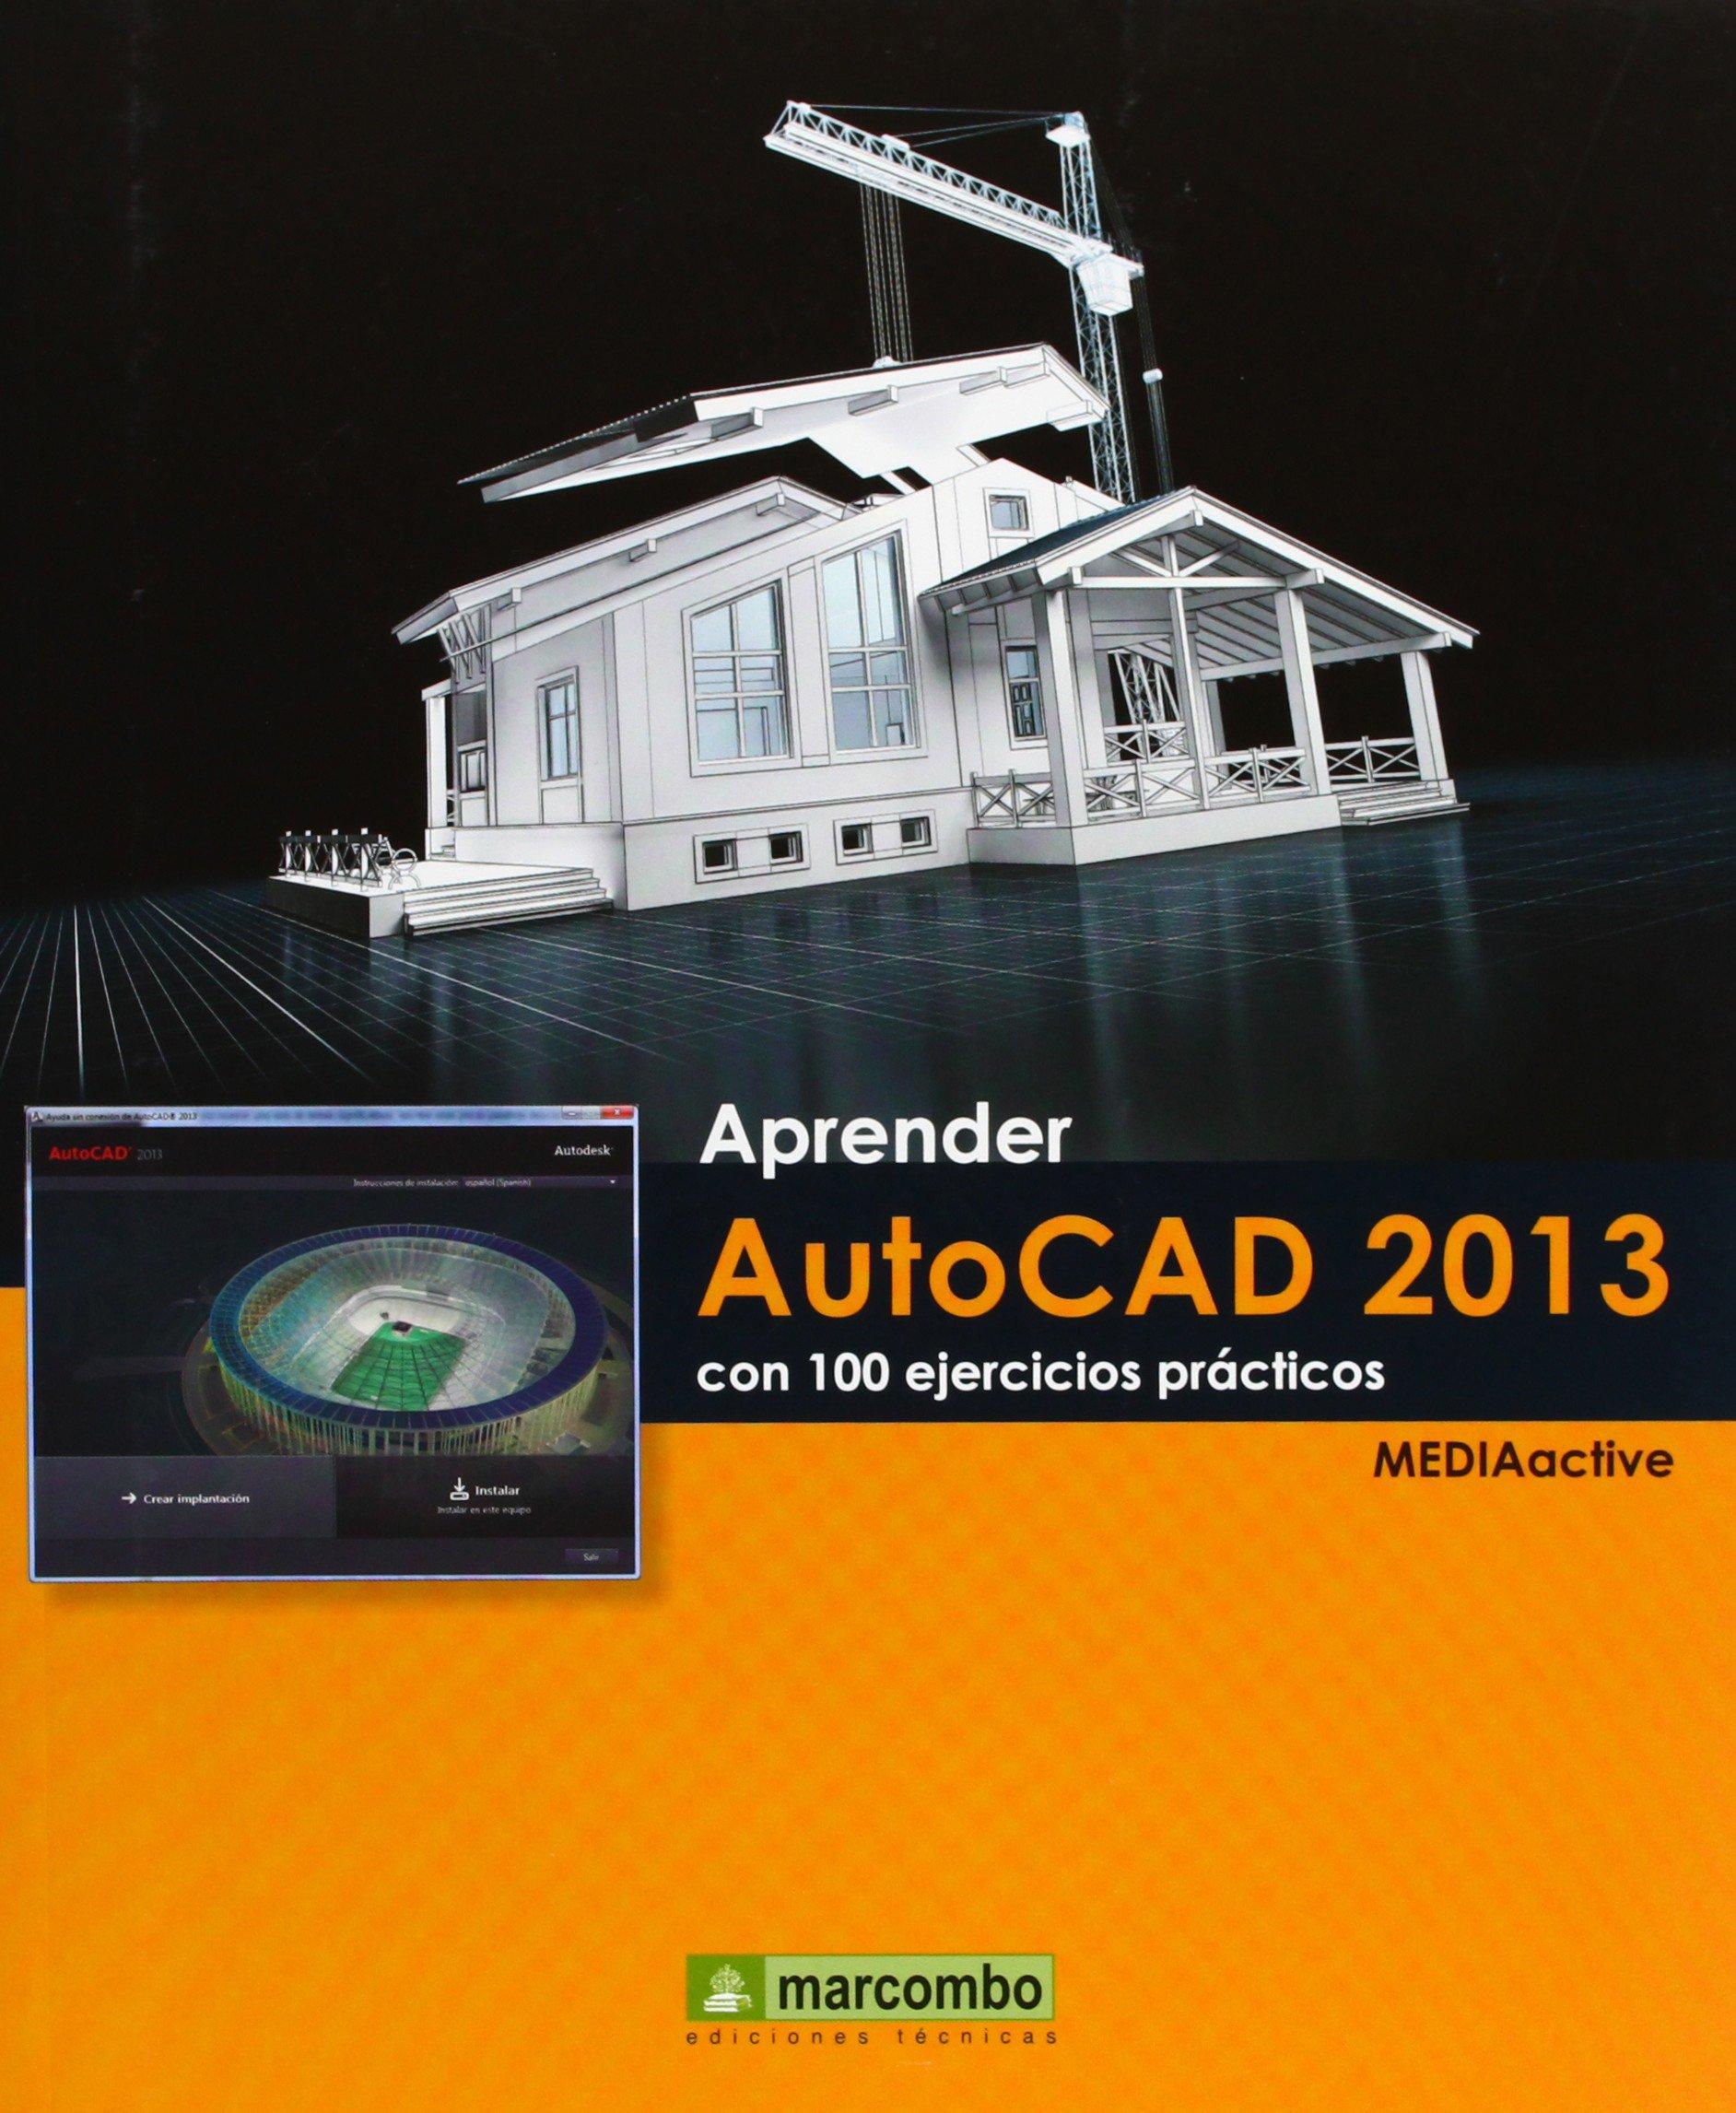 Download Aprender Autocad 2013 con 100 ejercicios prácticos pdf